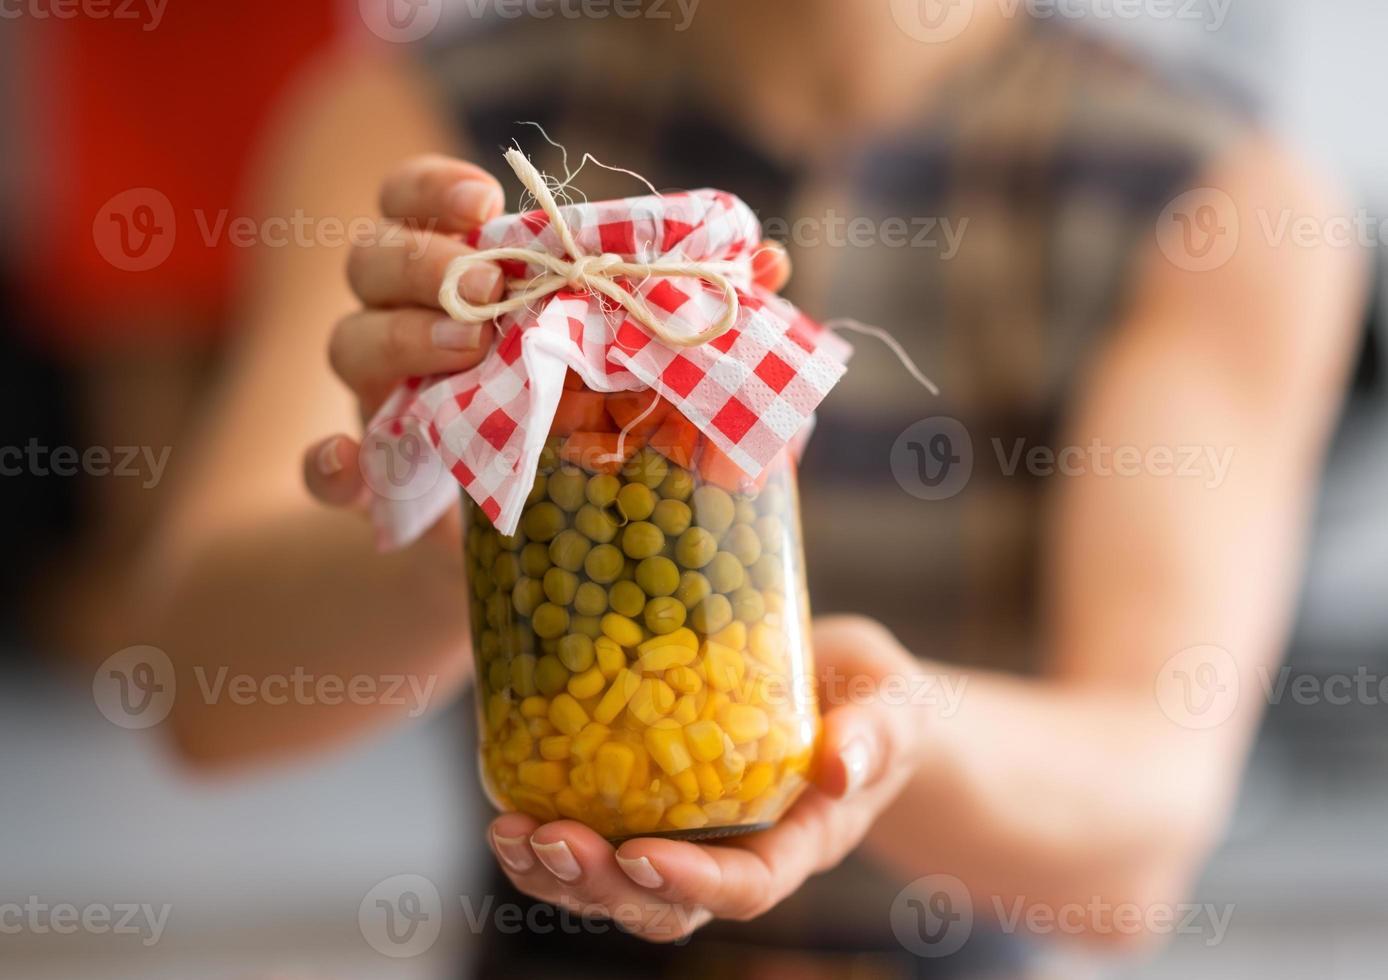 Nahaufnahme auf junge Hausfrau, die Glas mit eingelegtem Gemüse zeigt foto